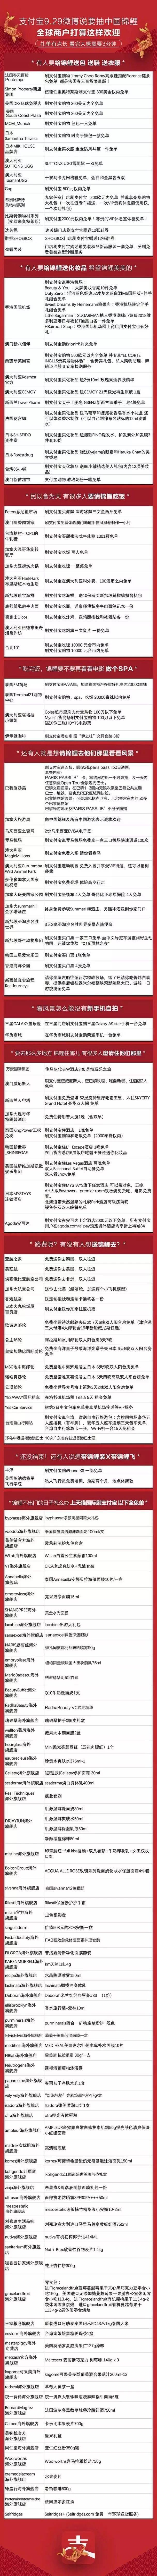 鸟哥笔记,广告营销,吴思,营销,传播,策划